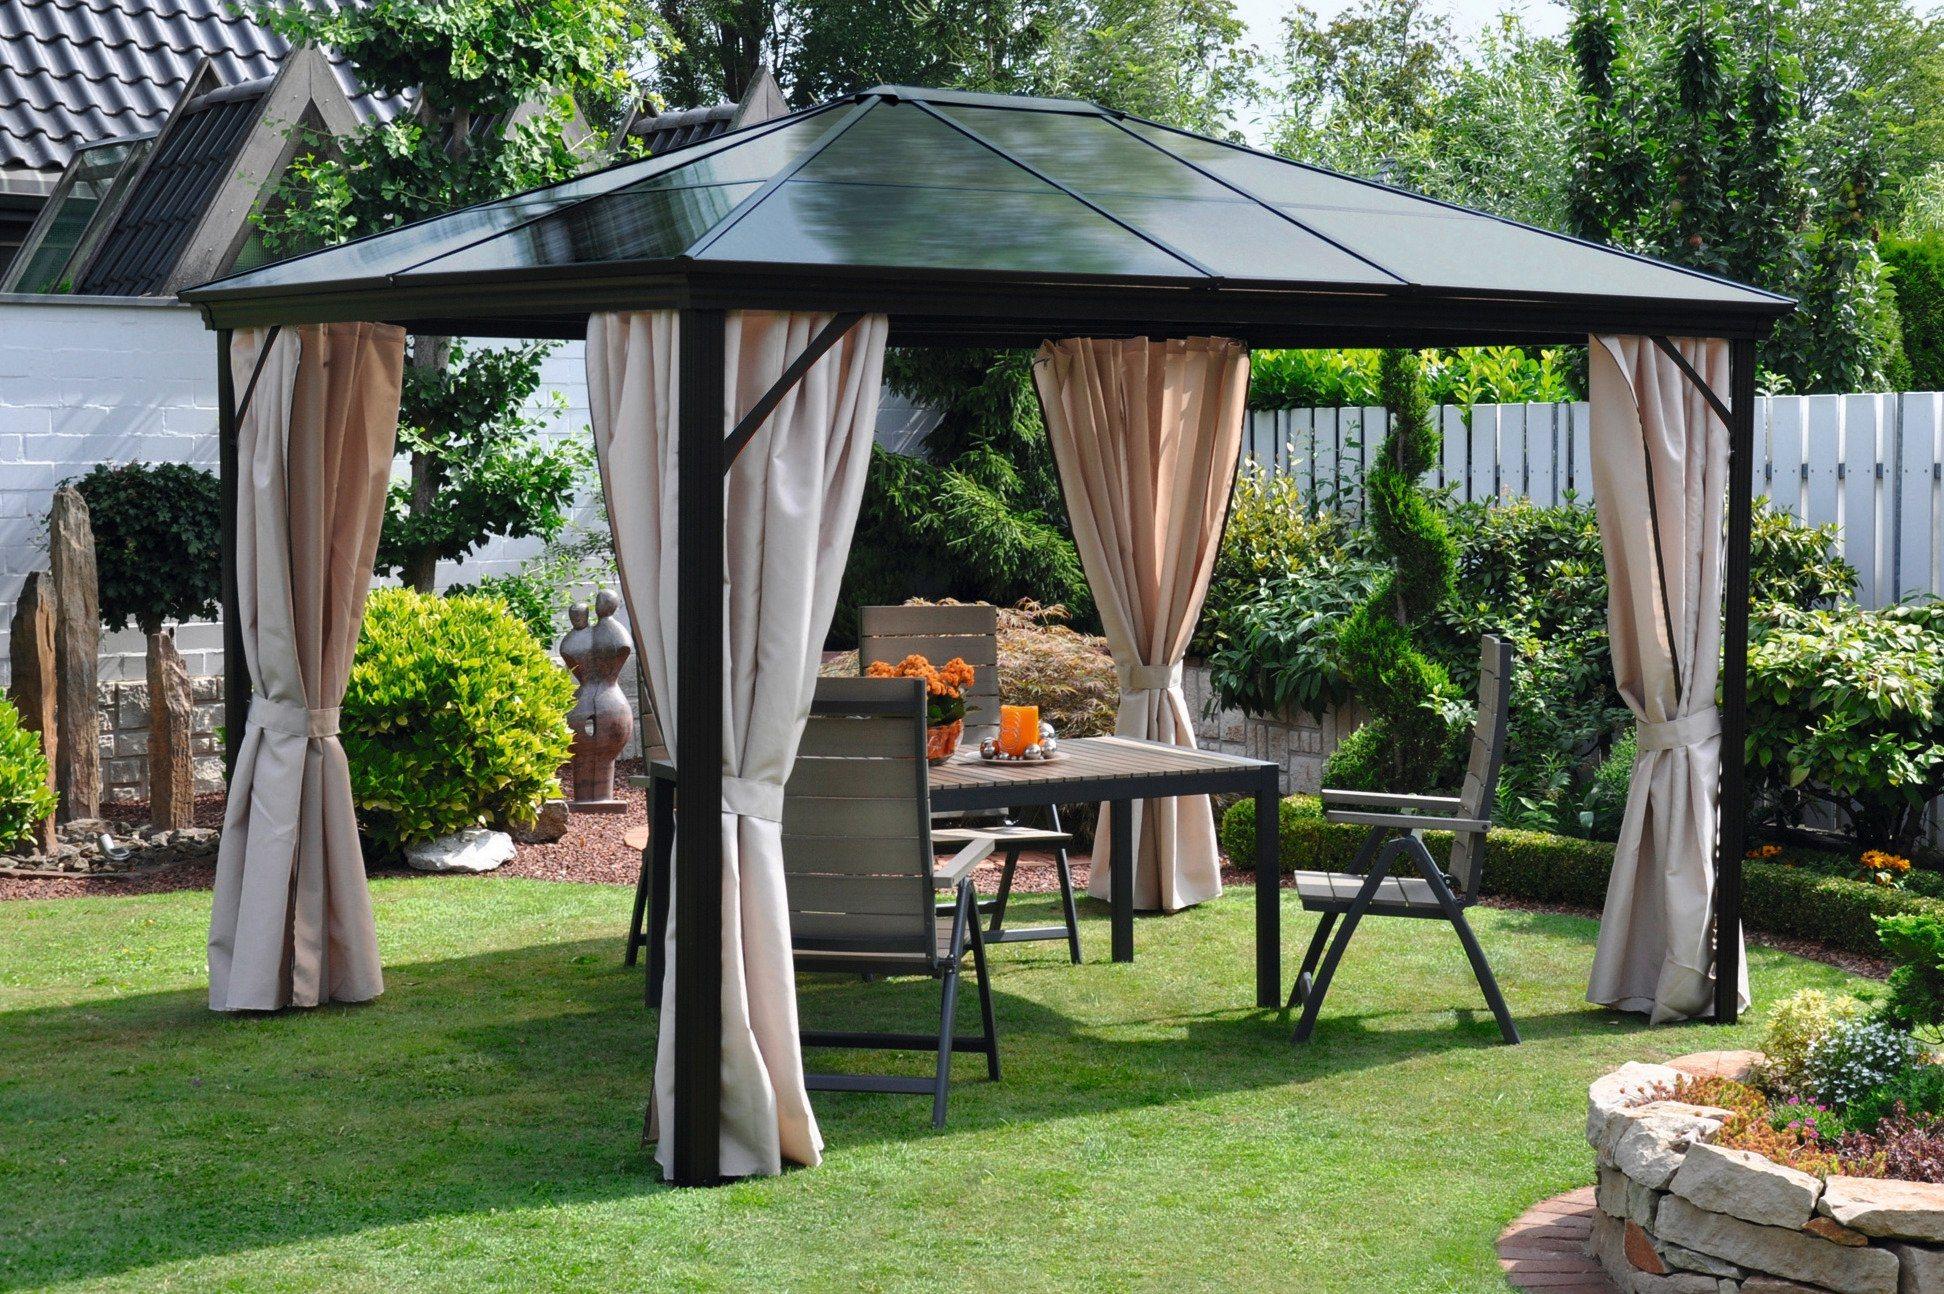 Pavillon Dach.turin Preisvergleich • Die besten Angebote online kaufen